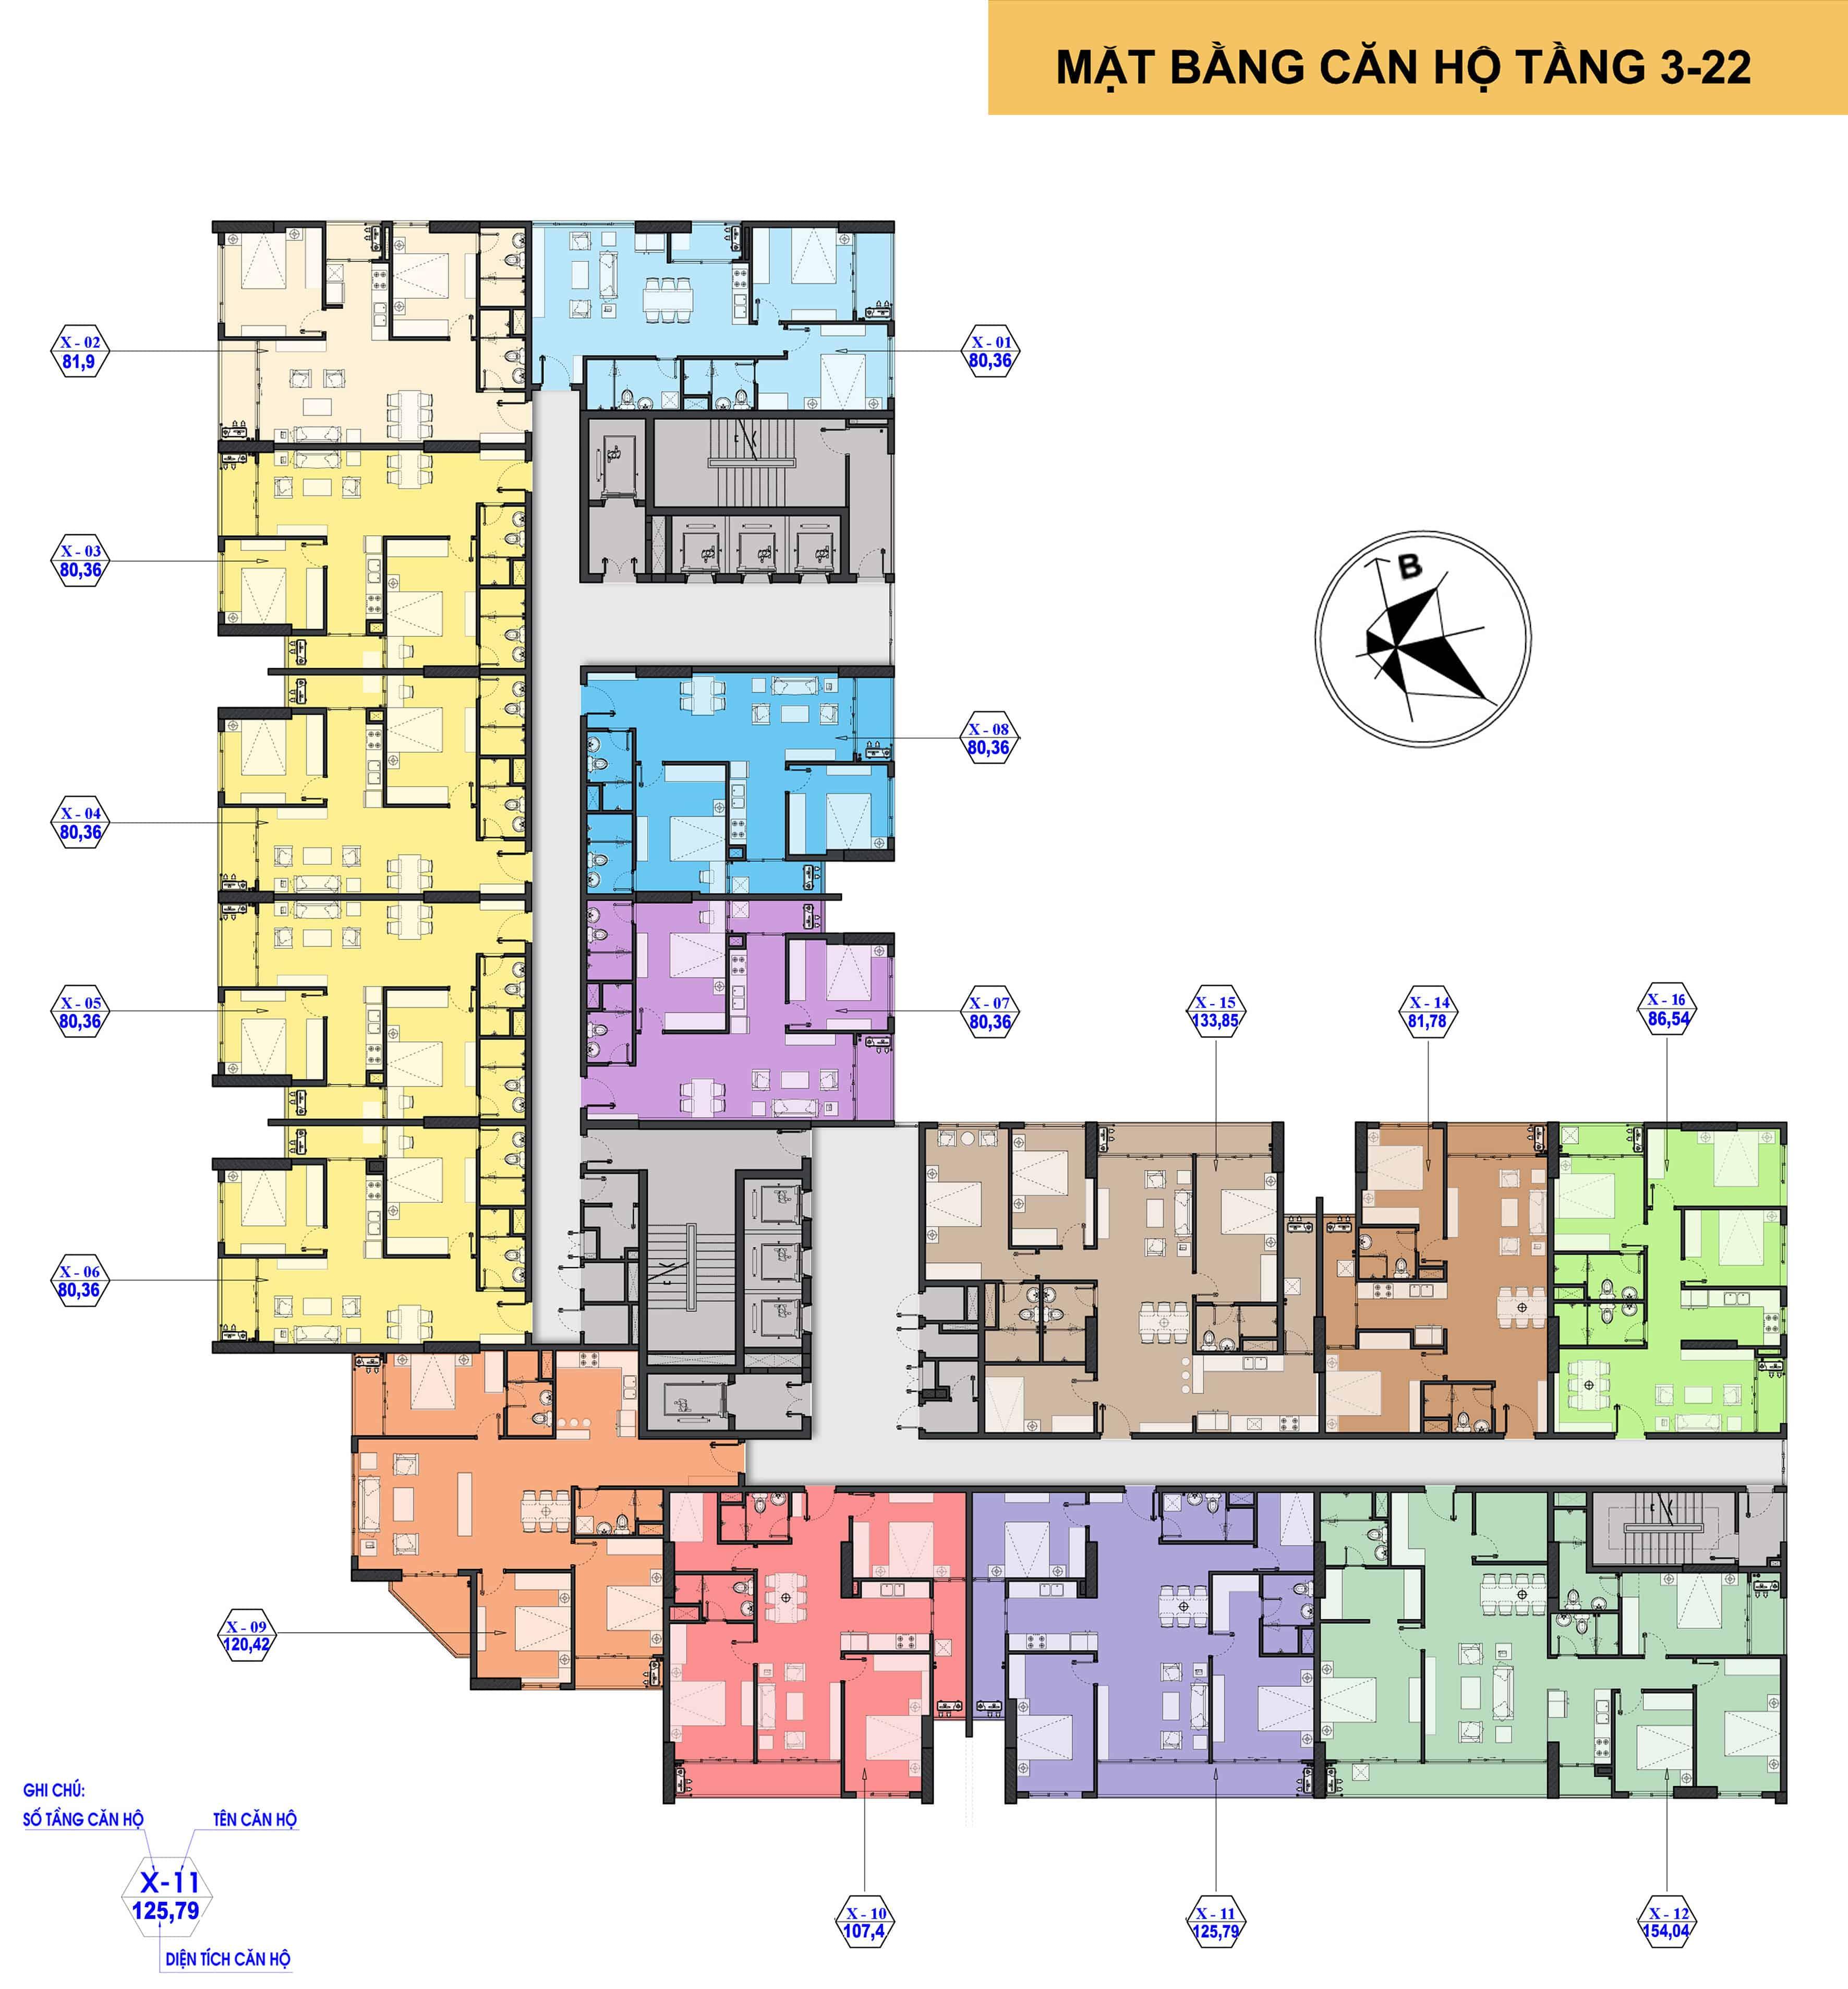 Mặt bằng The Park Home Handico 52 tầng 3 đến 22